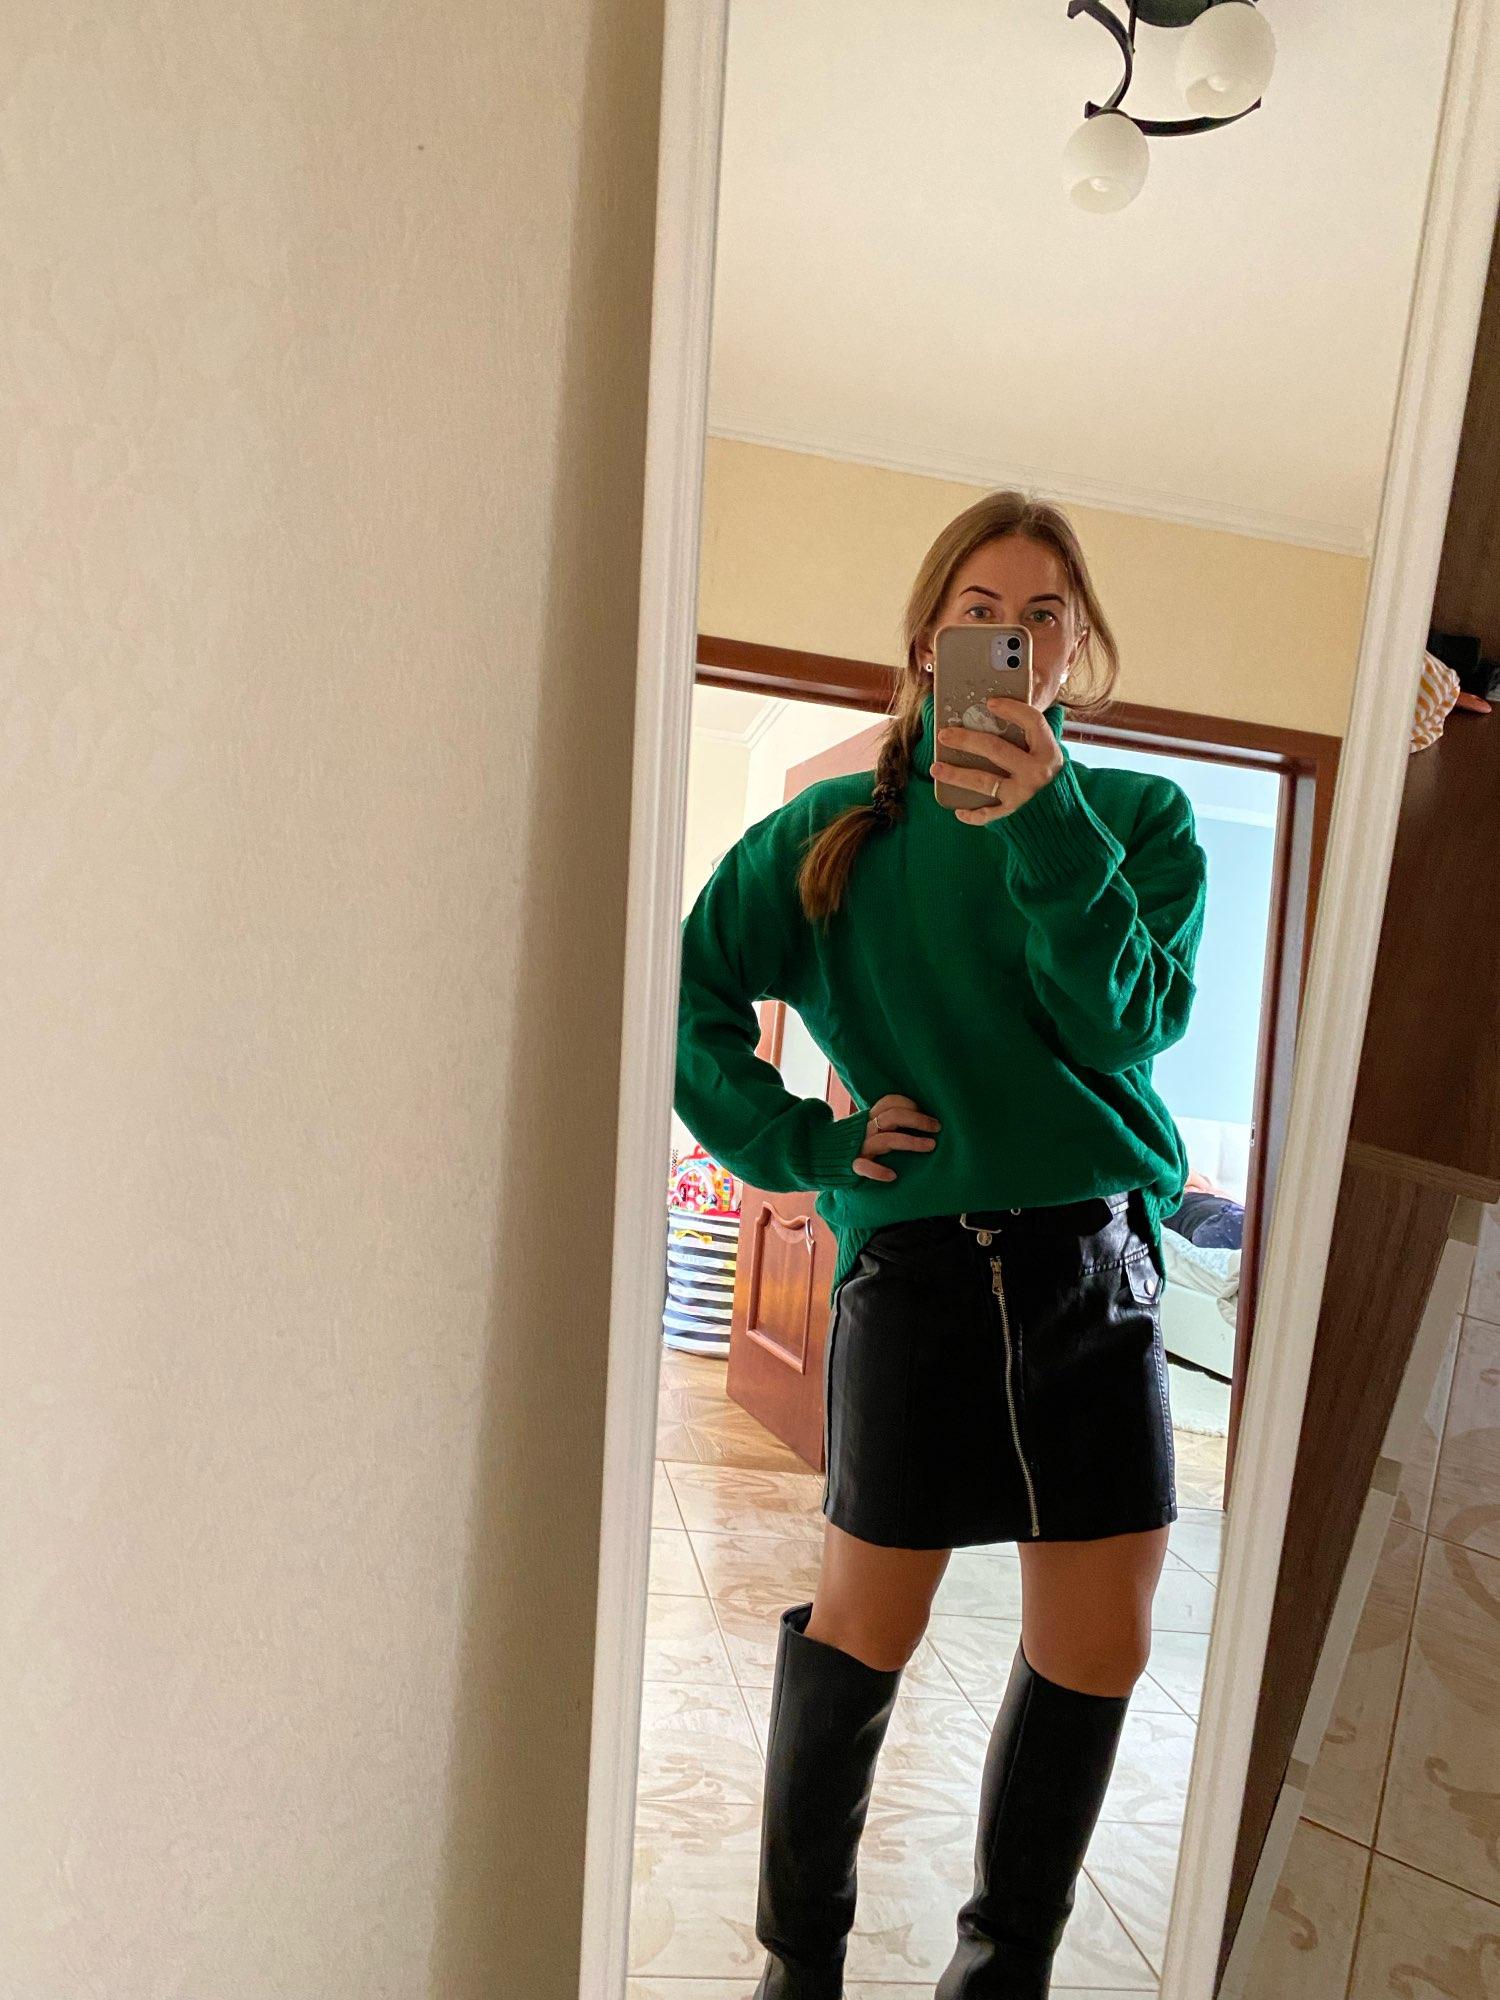 PU Leather A Line Skirt Women Belt Zipper High Waist Women's Mini Skirts Black 2021 Autumn Fashion Streetwear Bottoms Female|Skirts|   - AliExpress